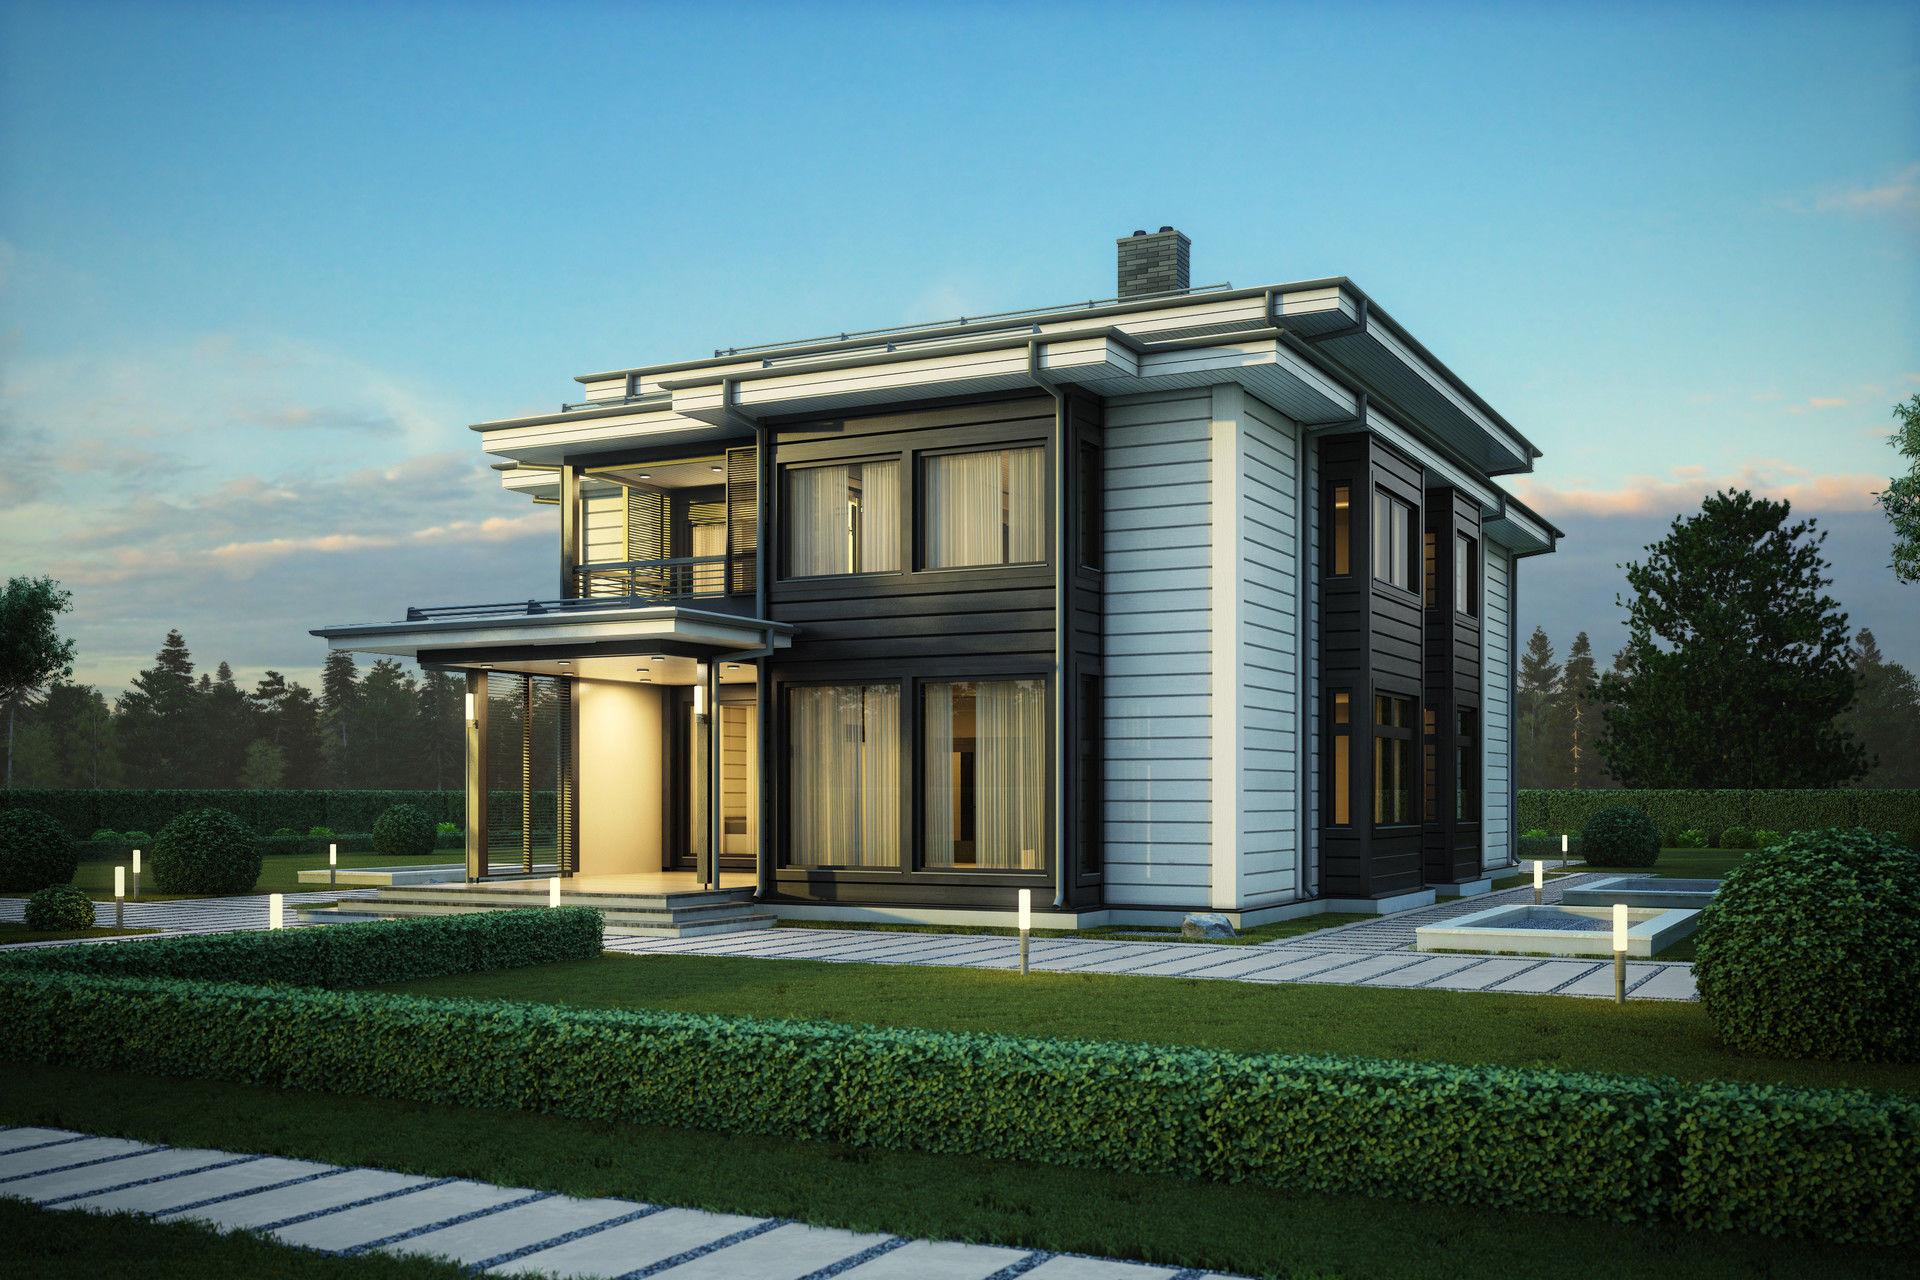 Двухэтажный новый дом Dream премиум-класса для загородной жизни